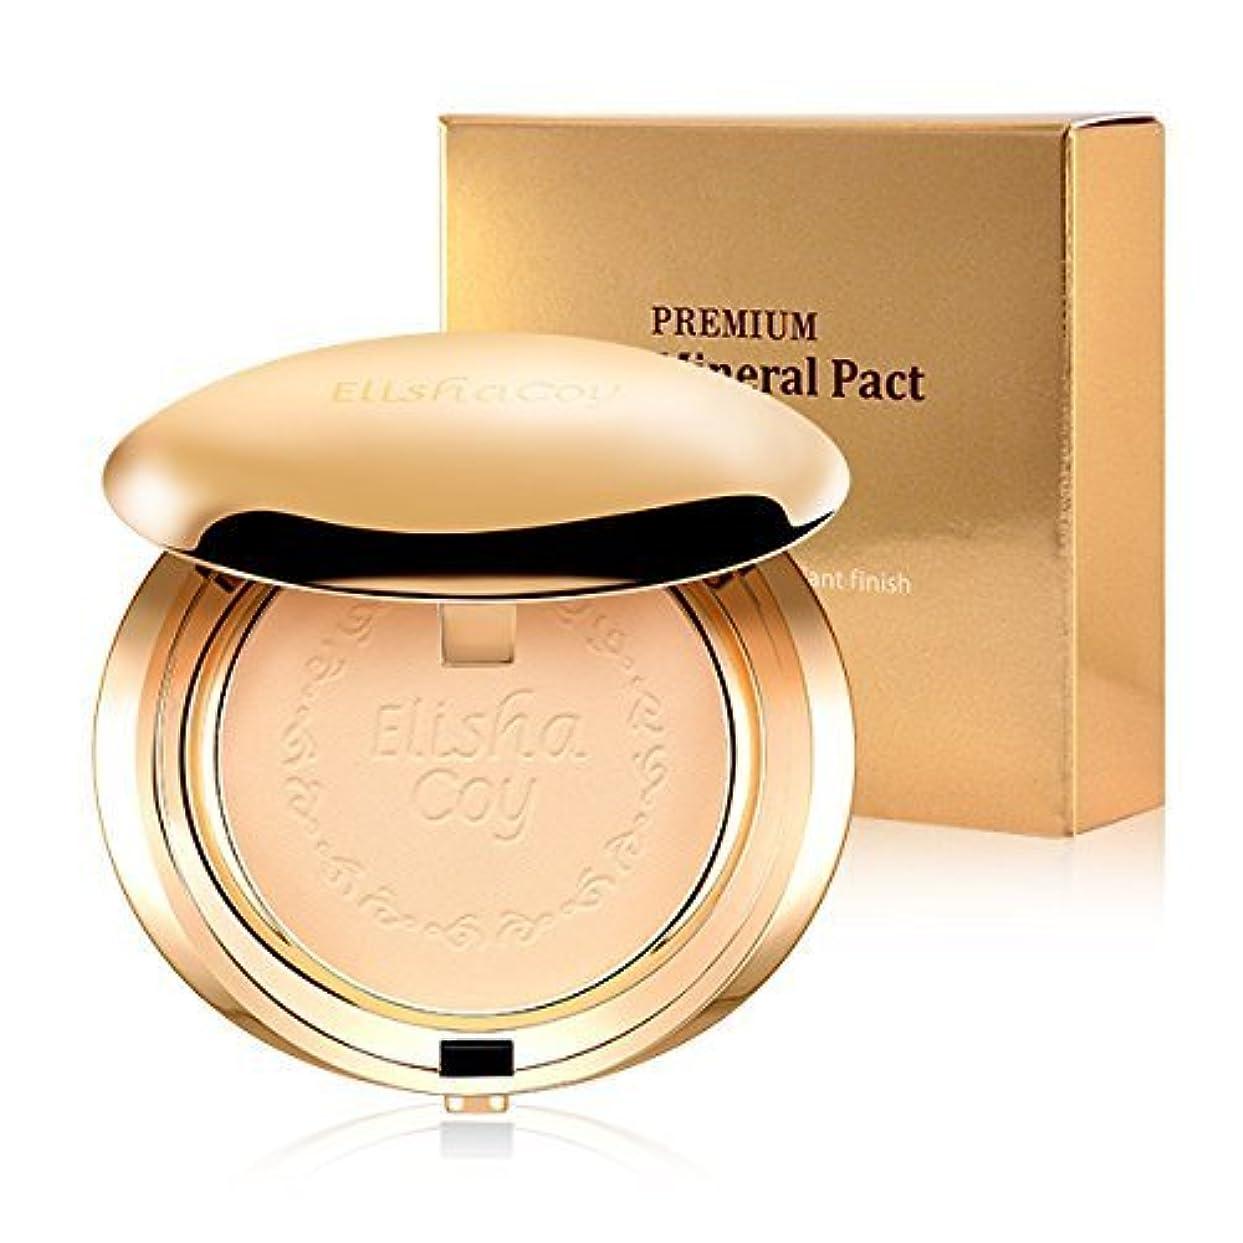 ピンチ見物人コンチネンタルElishacoy Premium gold mineral pact No.23 アリシアこいプレミアムゴールドミネラルファクト [並行輸入品]